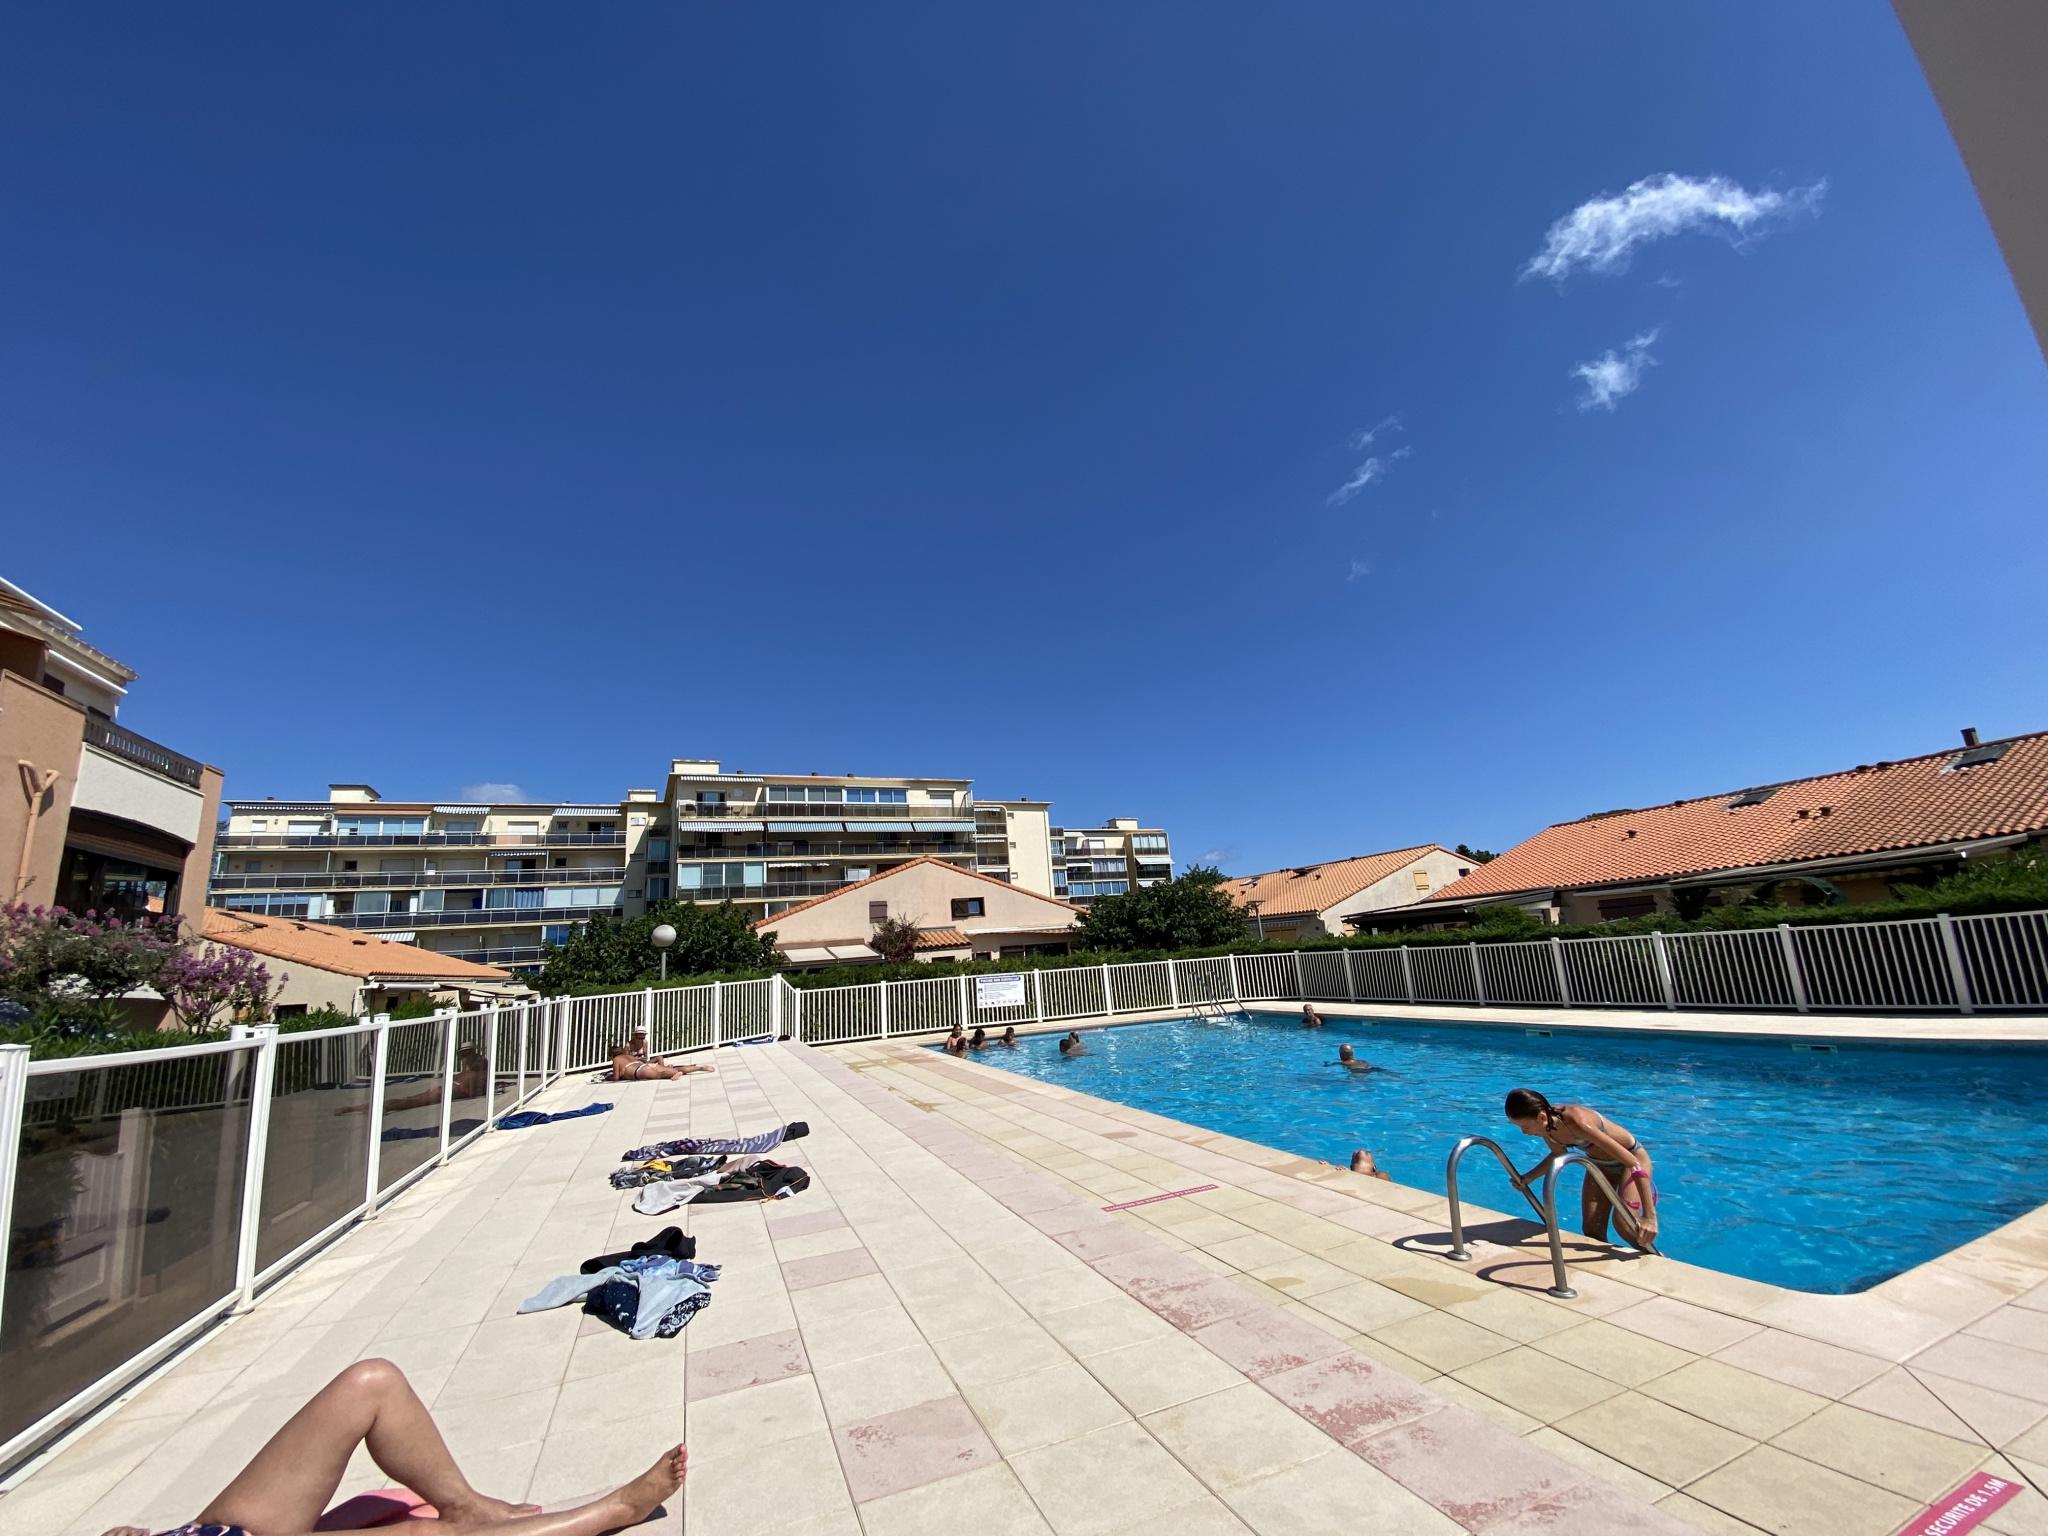 À vendre maison/villa de 25m2 à argeles sur mer (66700) - Photo 0'